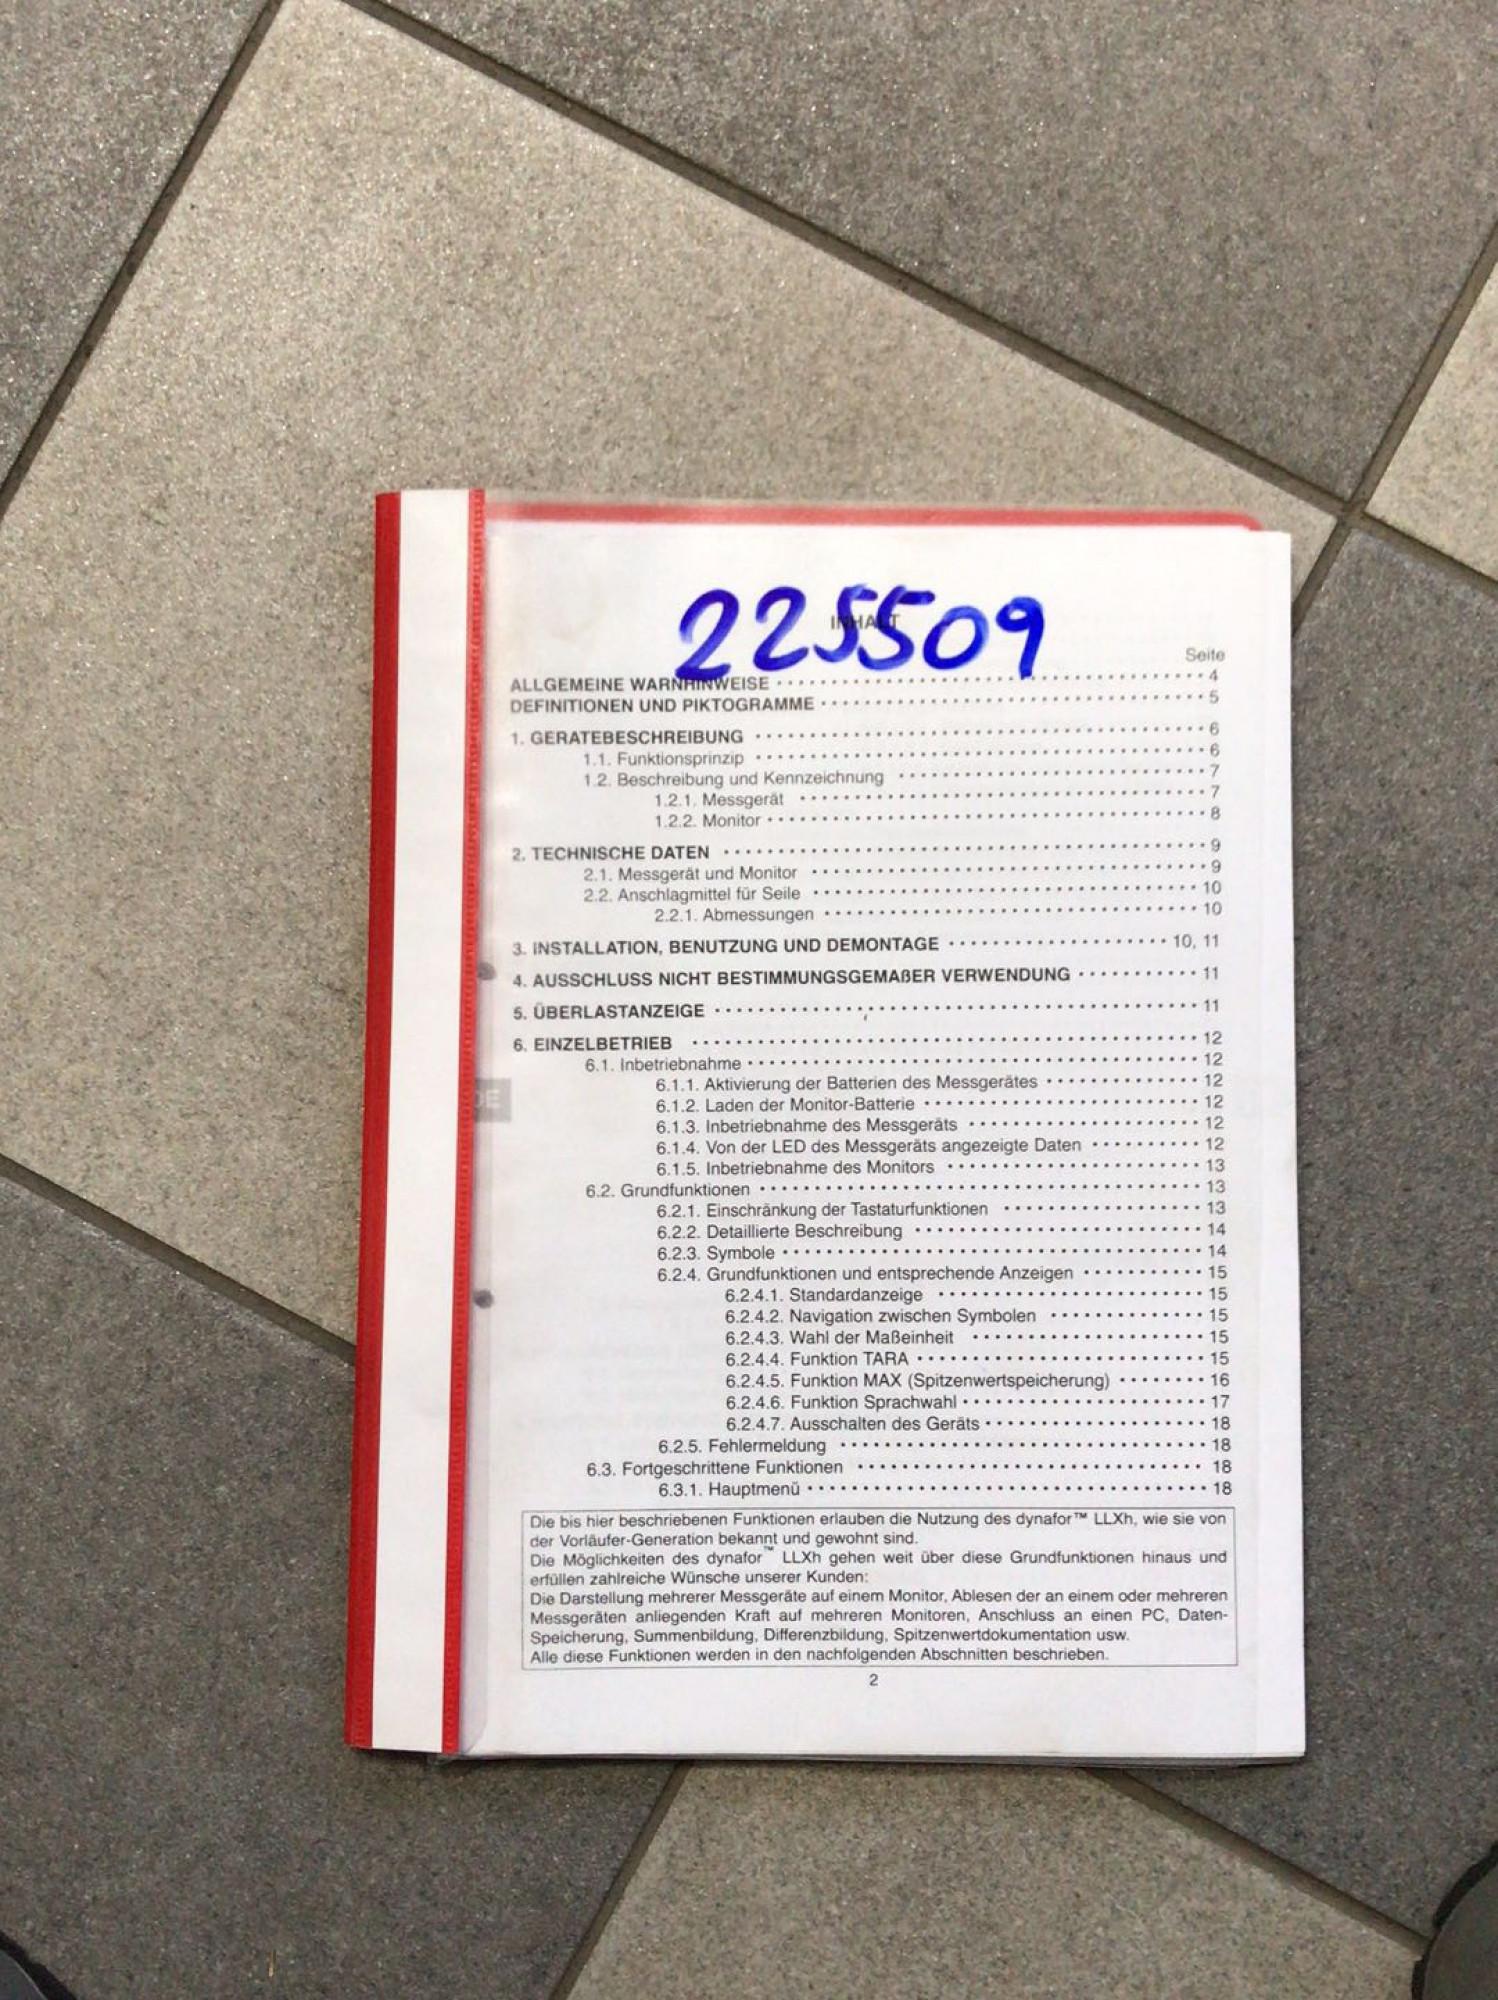 ÖVG Versteigerungen (Deutsch/Oswald) - Artikel Nr. 225509: Dynafor ...